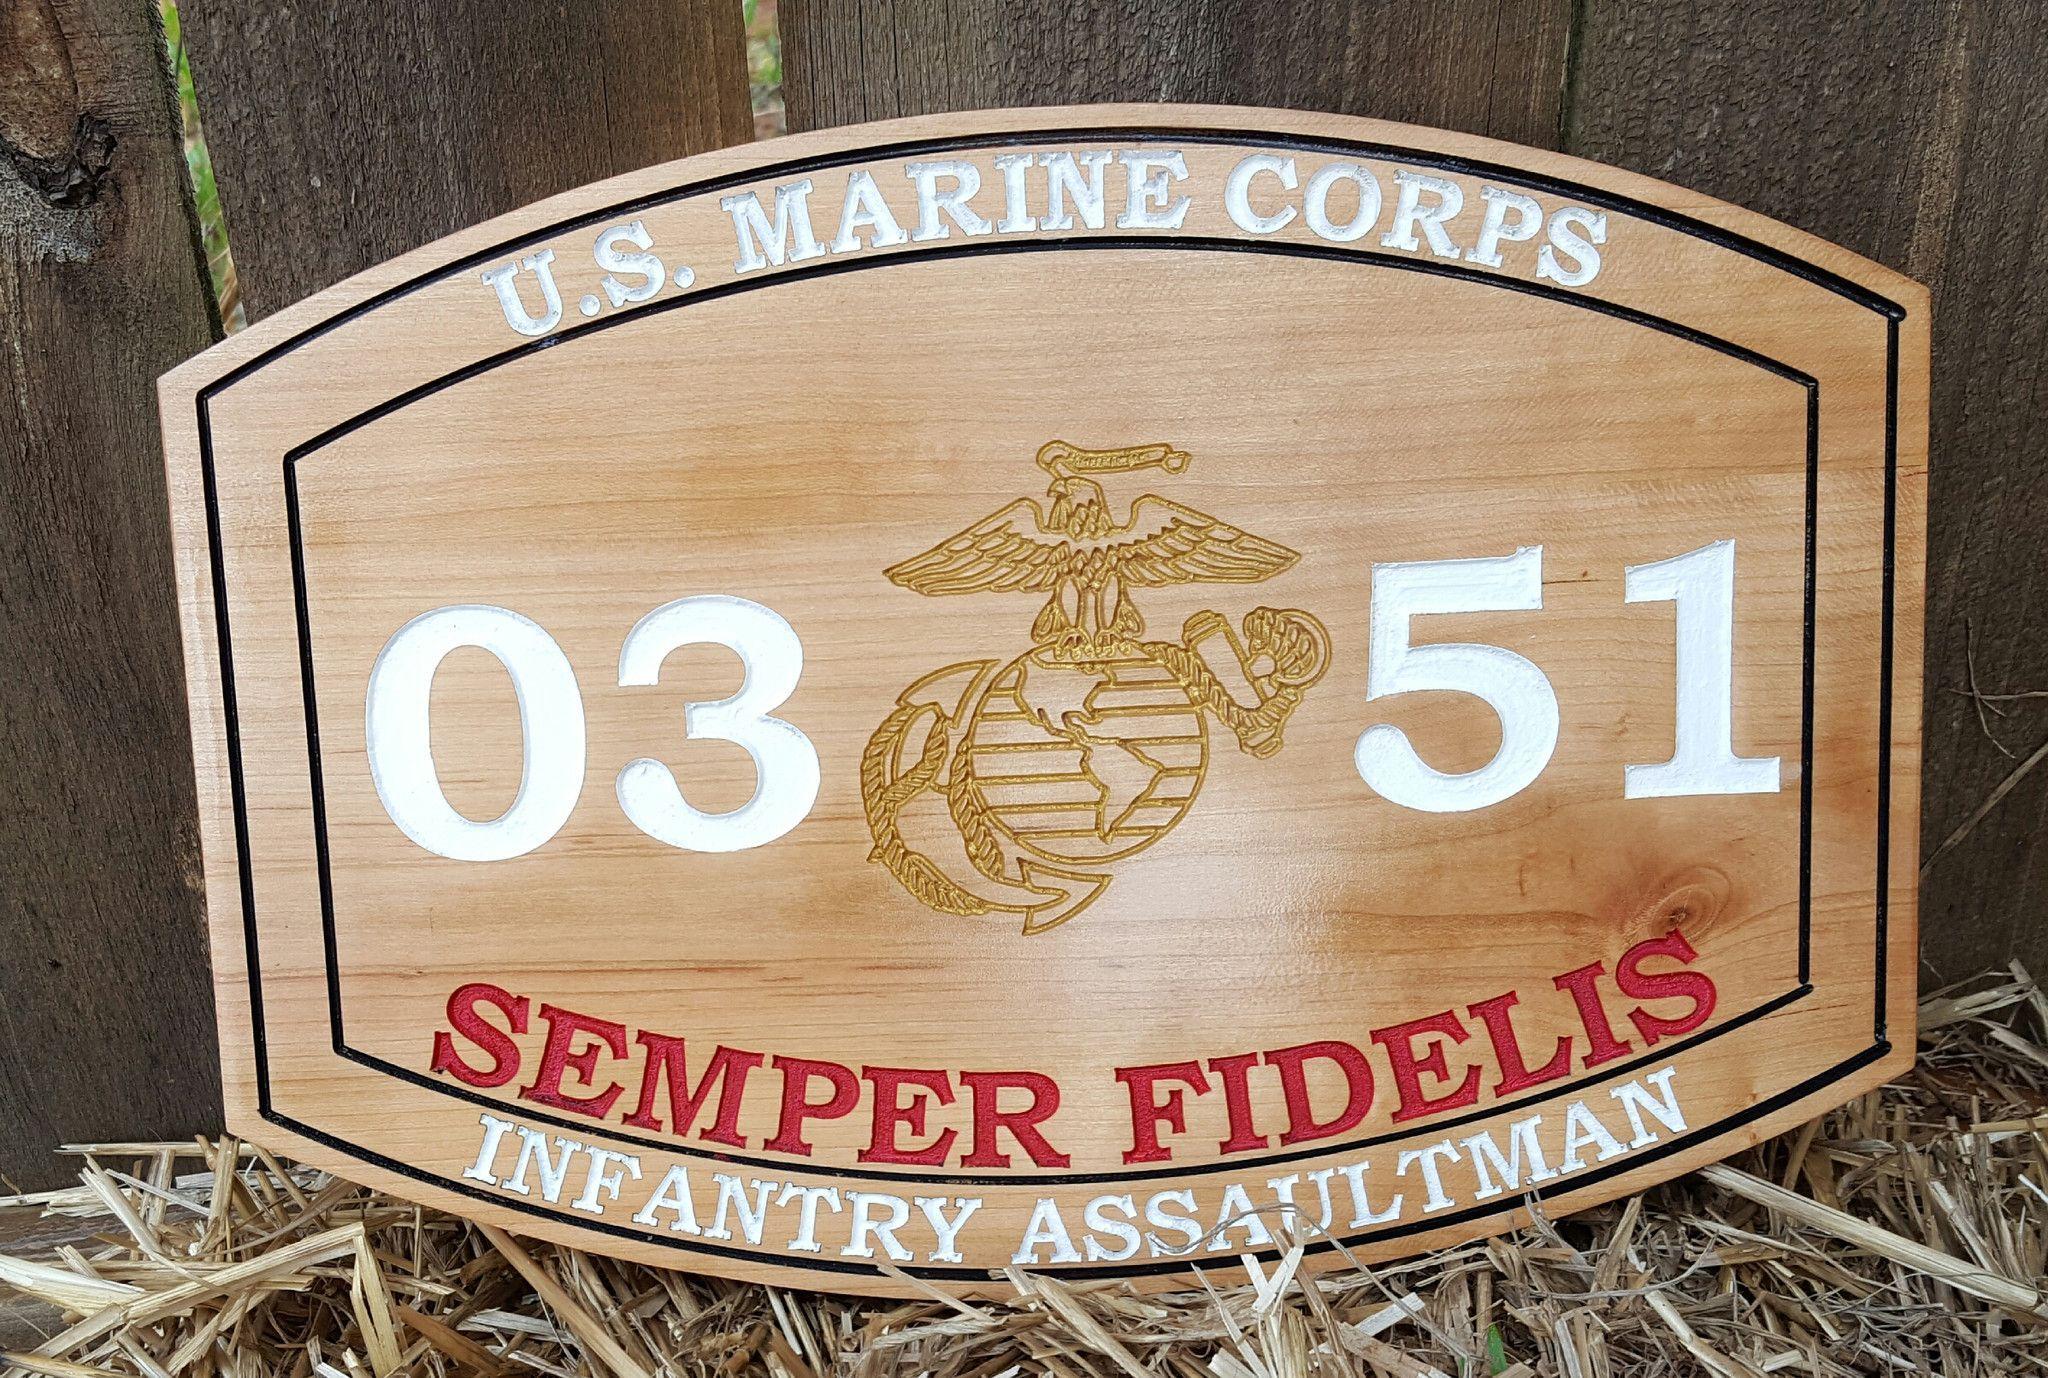 17 mejores ideas sobre marines mos en guerra de 17 mejores ideas sobre marines mos en guerra de vietnam y guerra